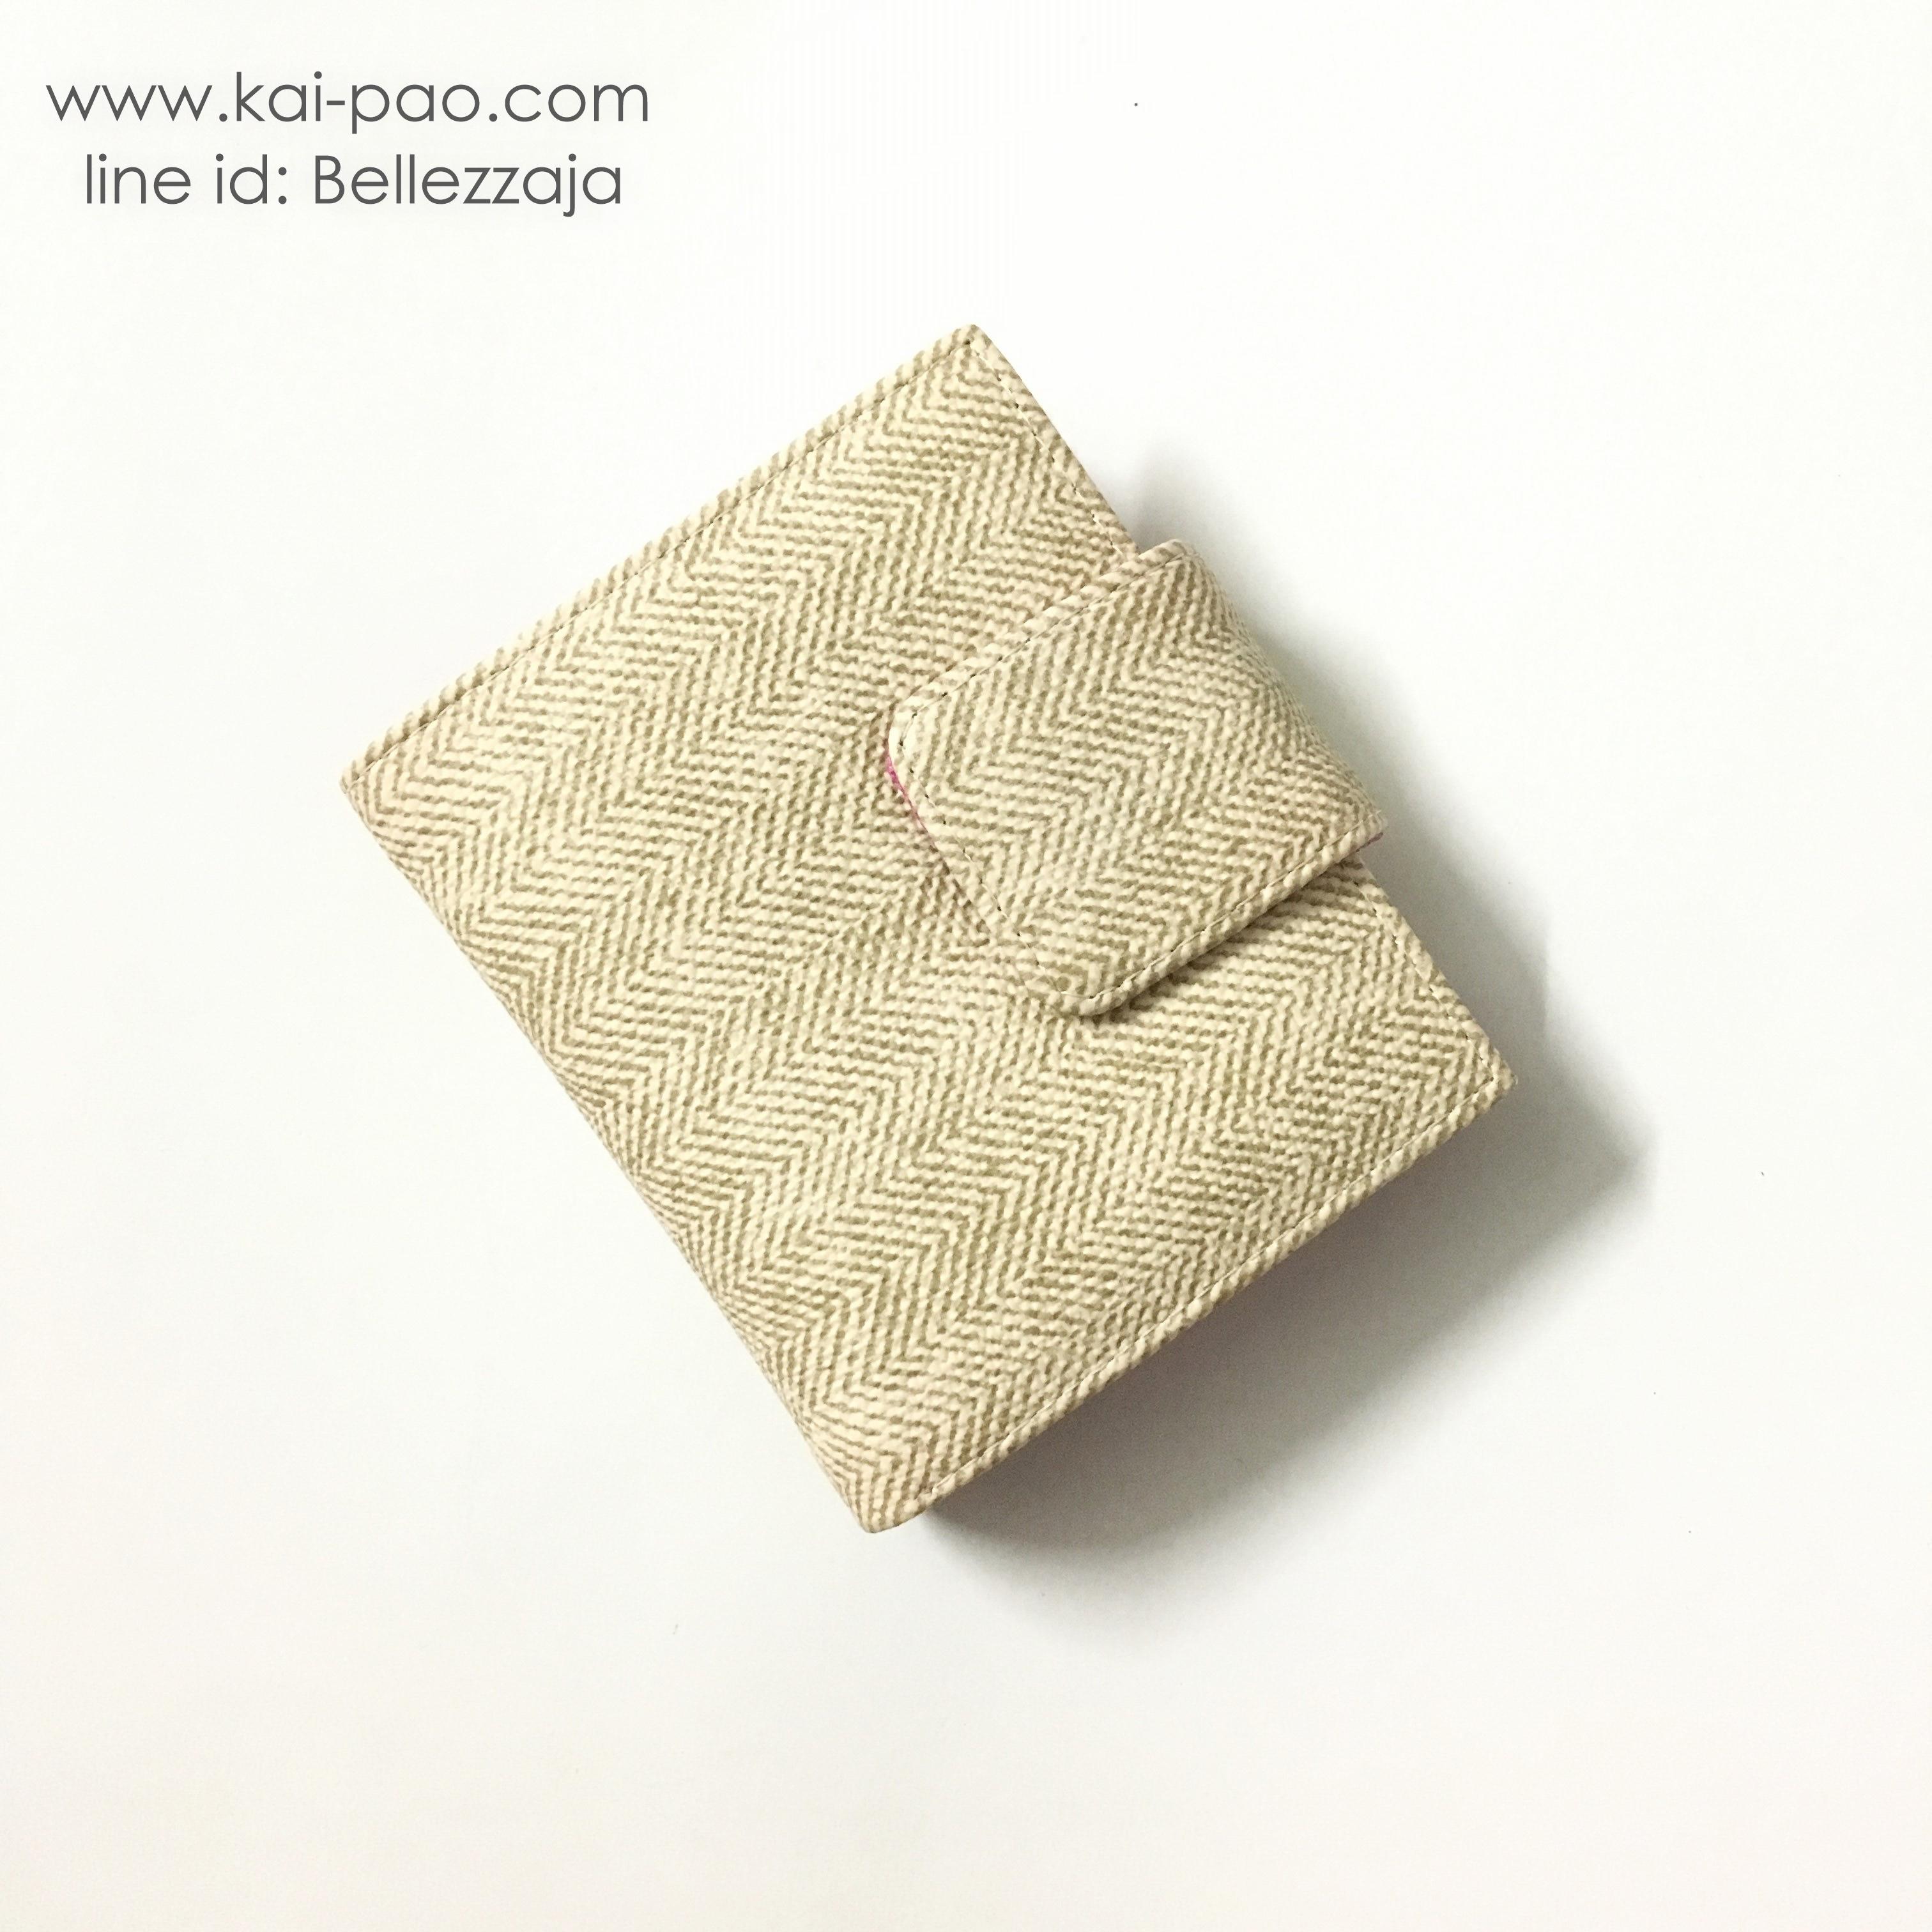 กระเป๋าสตางค์แบบสั้น ลายน้ำตาล-ชมพู ขนาด 2 พับ สามารถถอดกระเป๋าใส่เหรียญได้